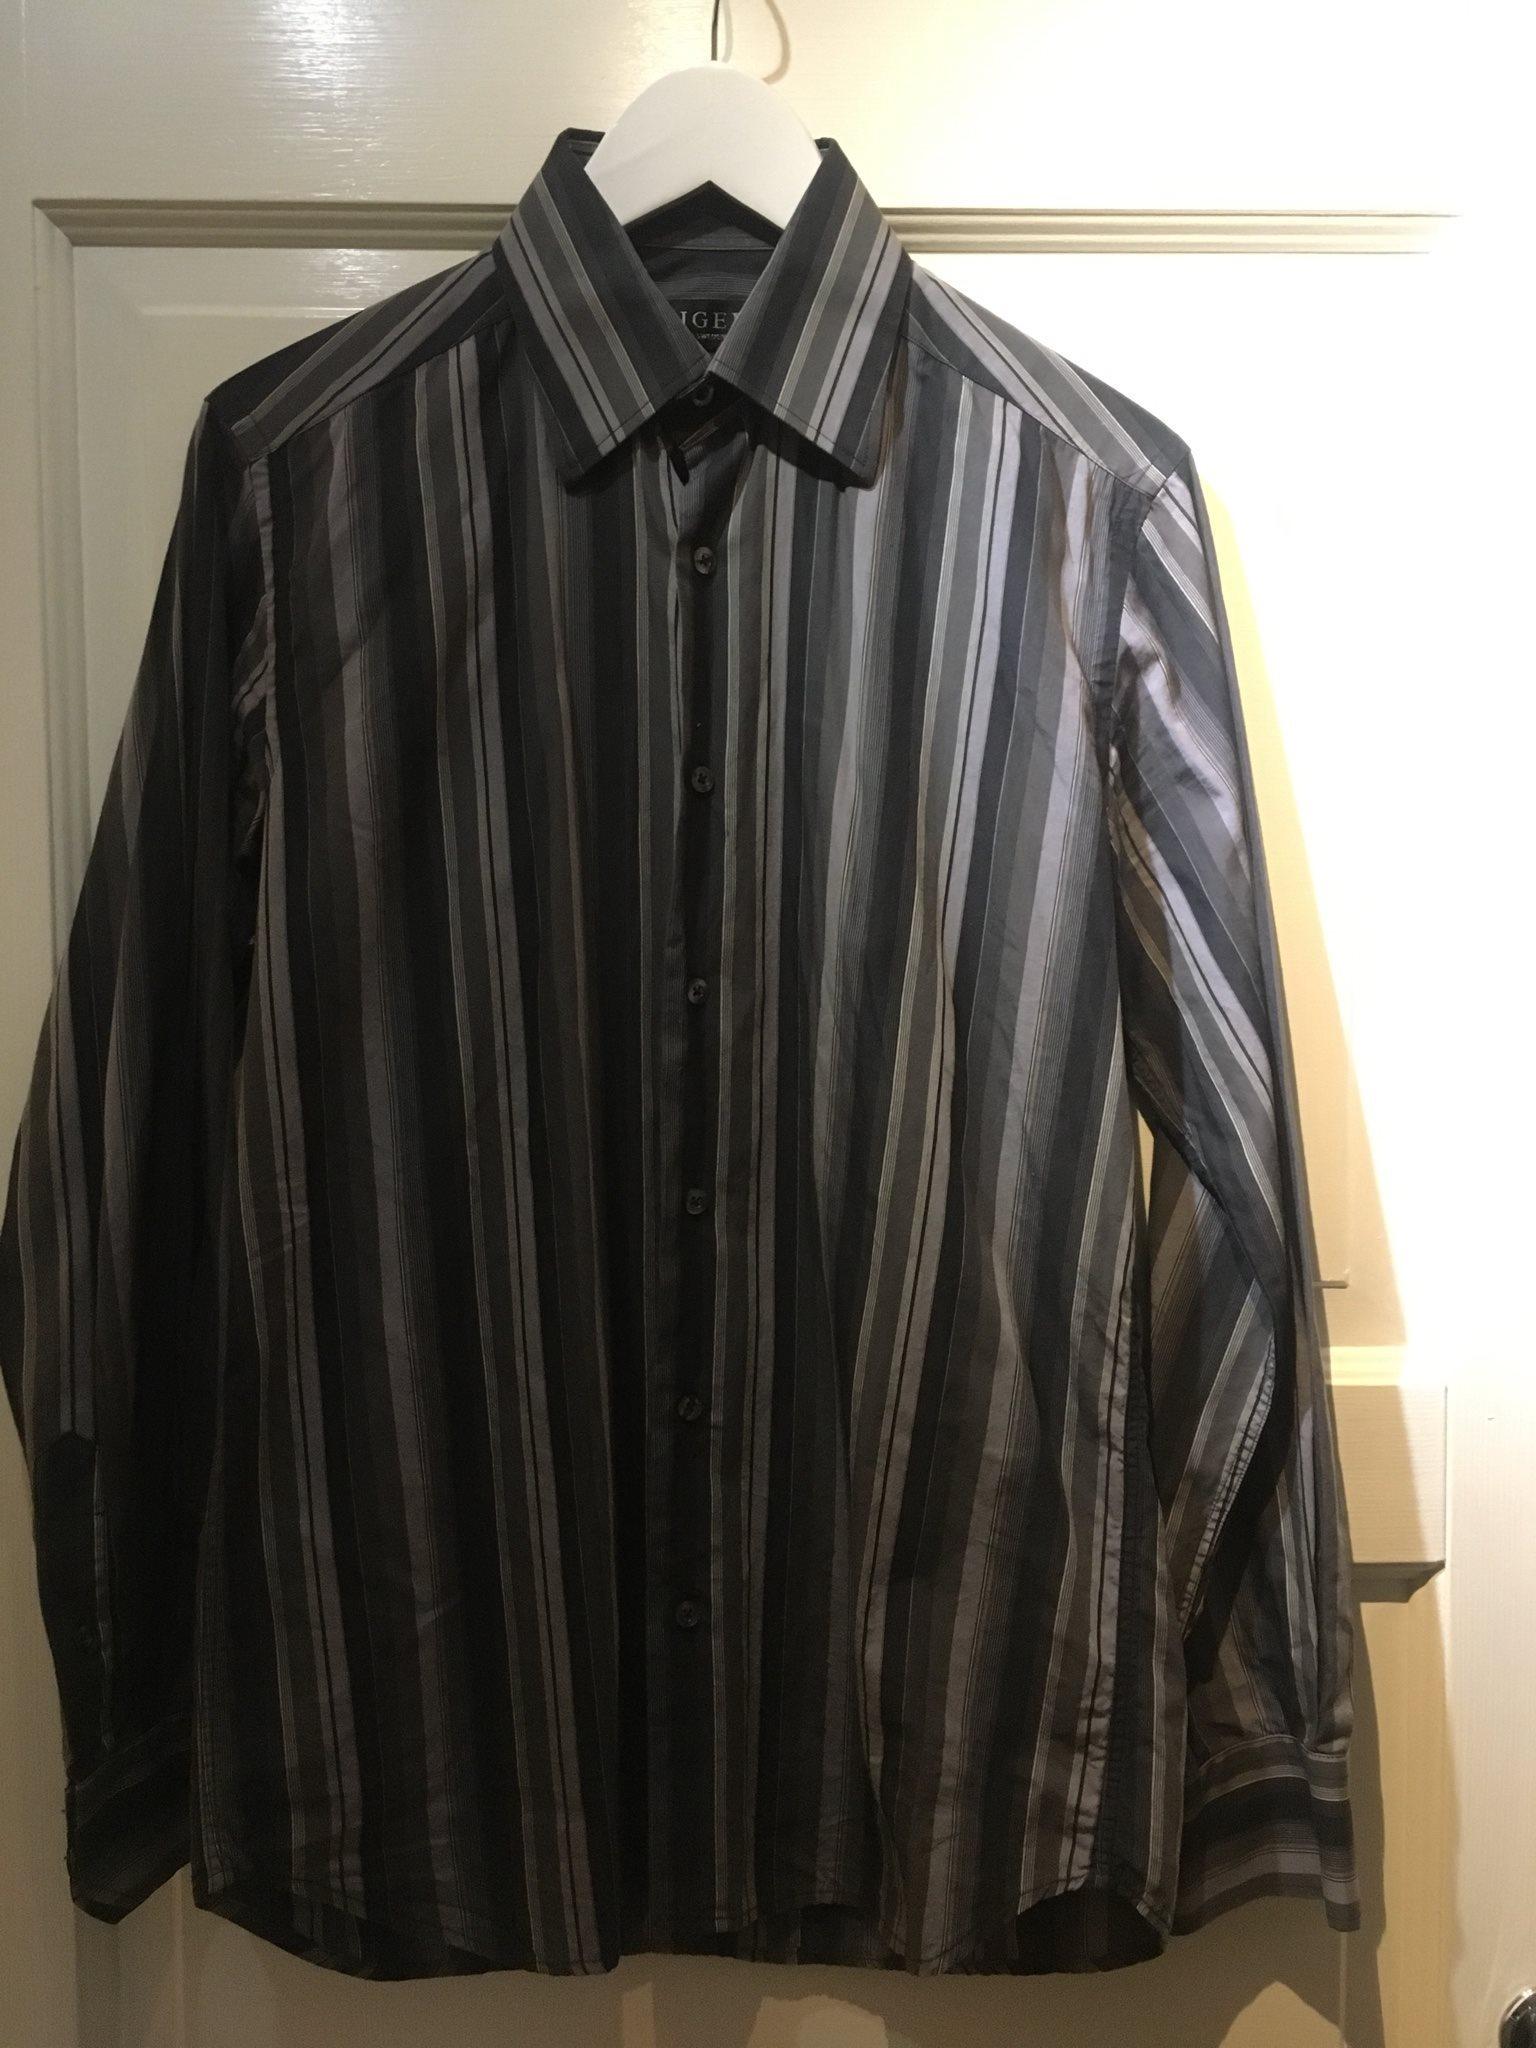 Tiger skjorta storlek 38 (336115396) ᐈ Köp på Tradera 64605f00c8207